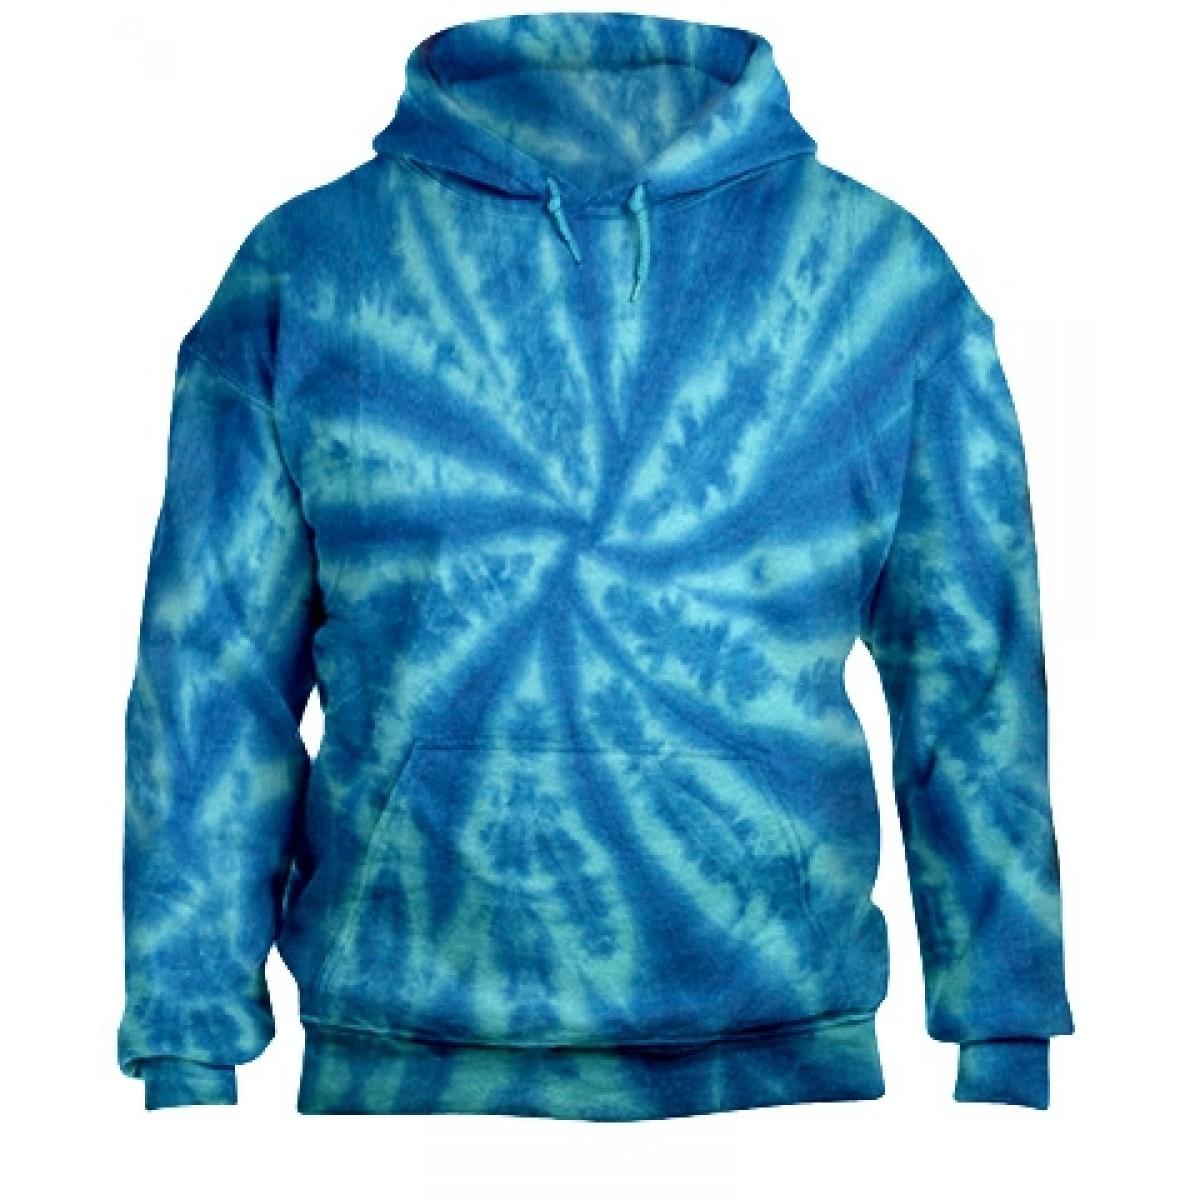 Tie-Dye Pullover Hooded Sweatshirt-Blue-XL